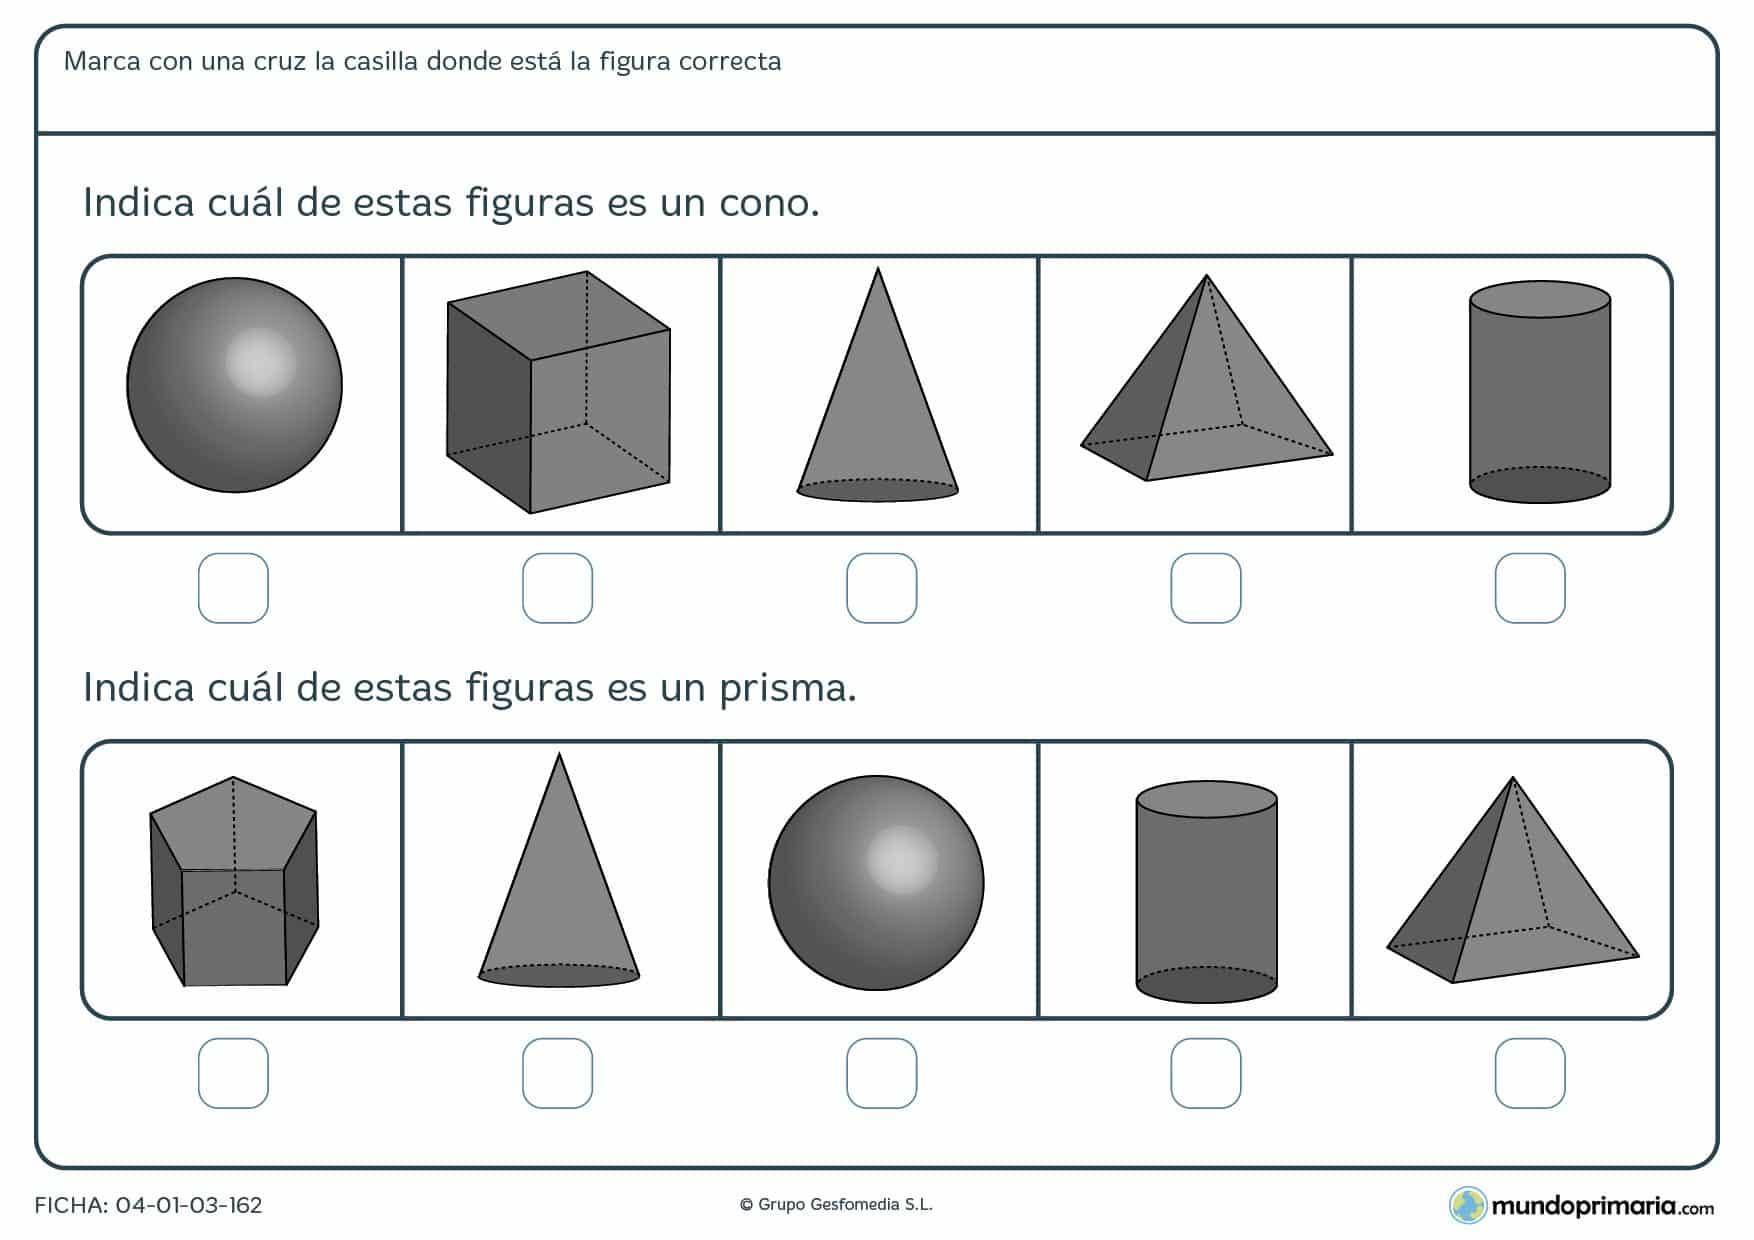 Ficha de identificar un cono y un prisma señalándolos entre las diferentes opciones que te mostramos.